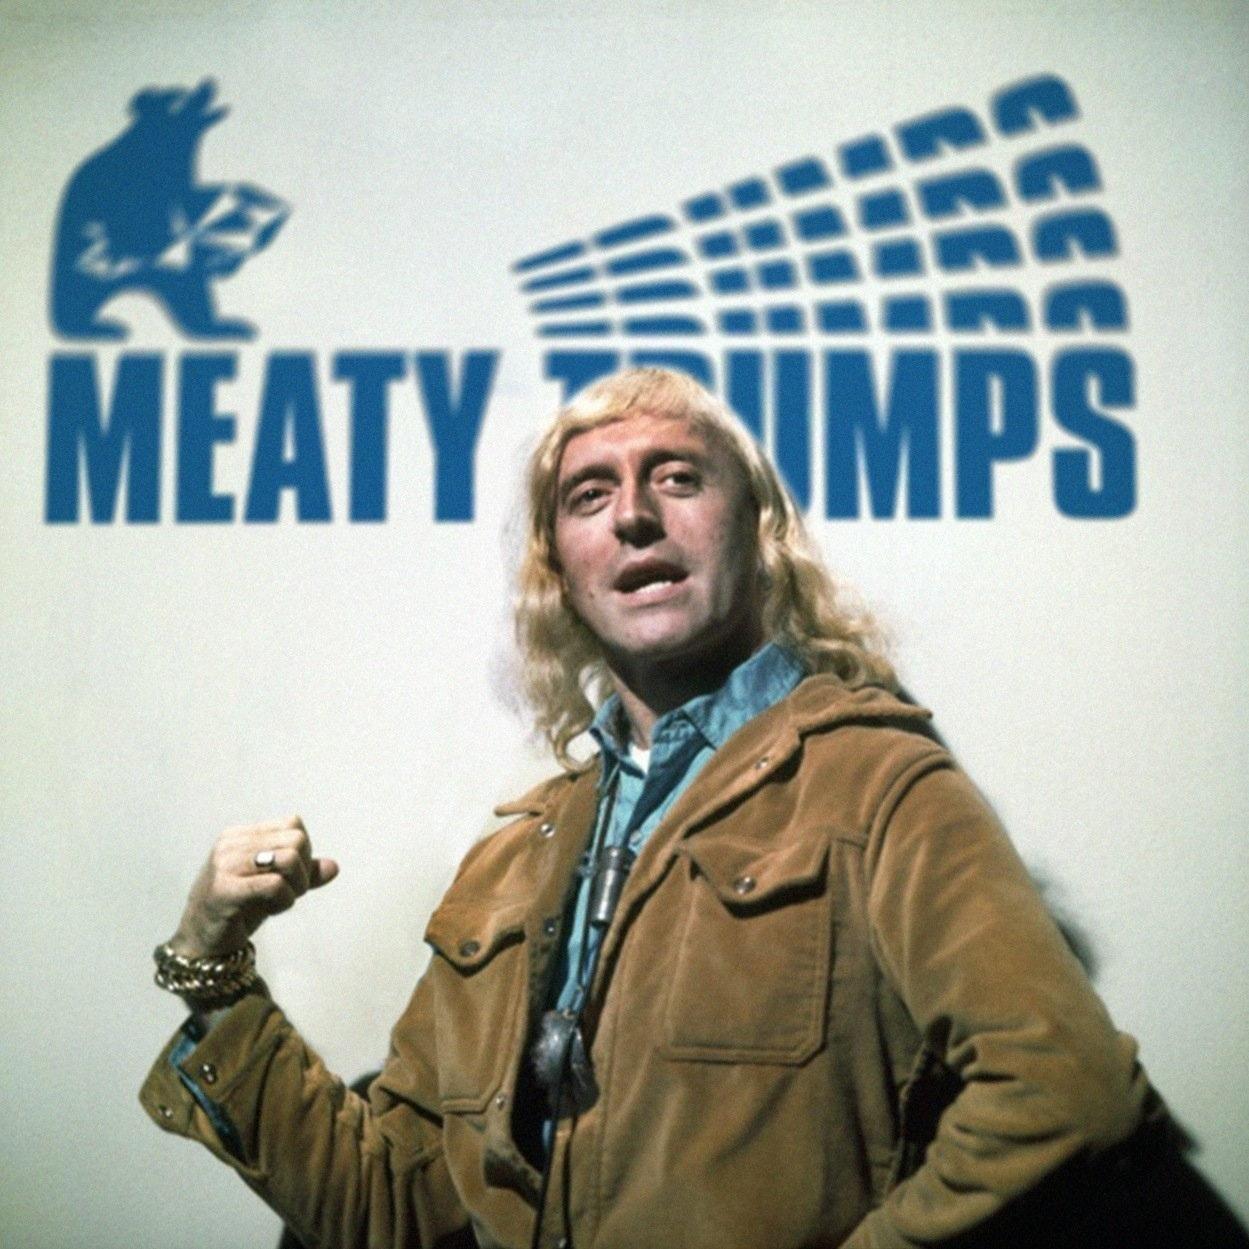 Meaty Trumps